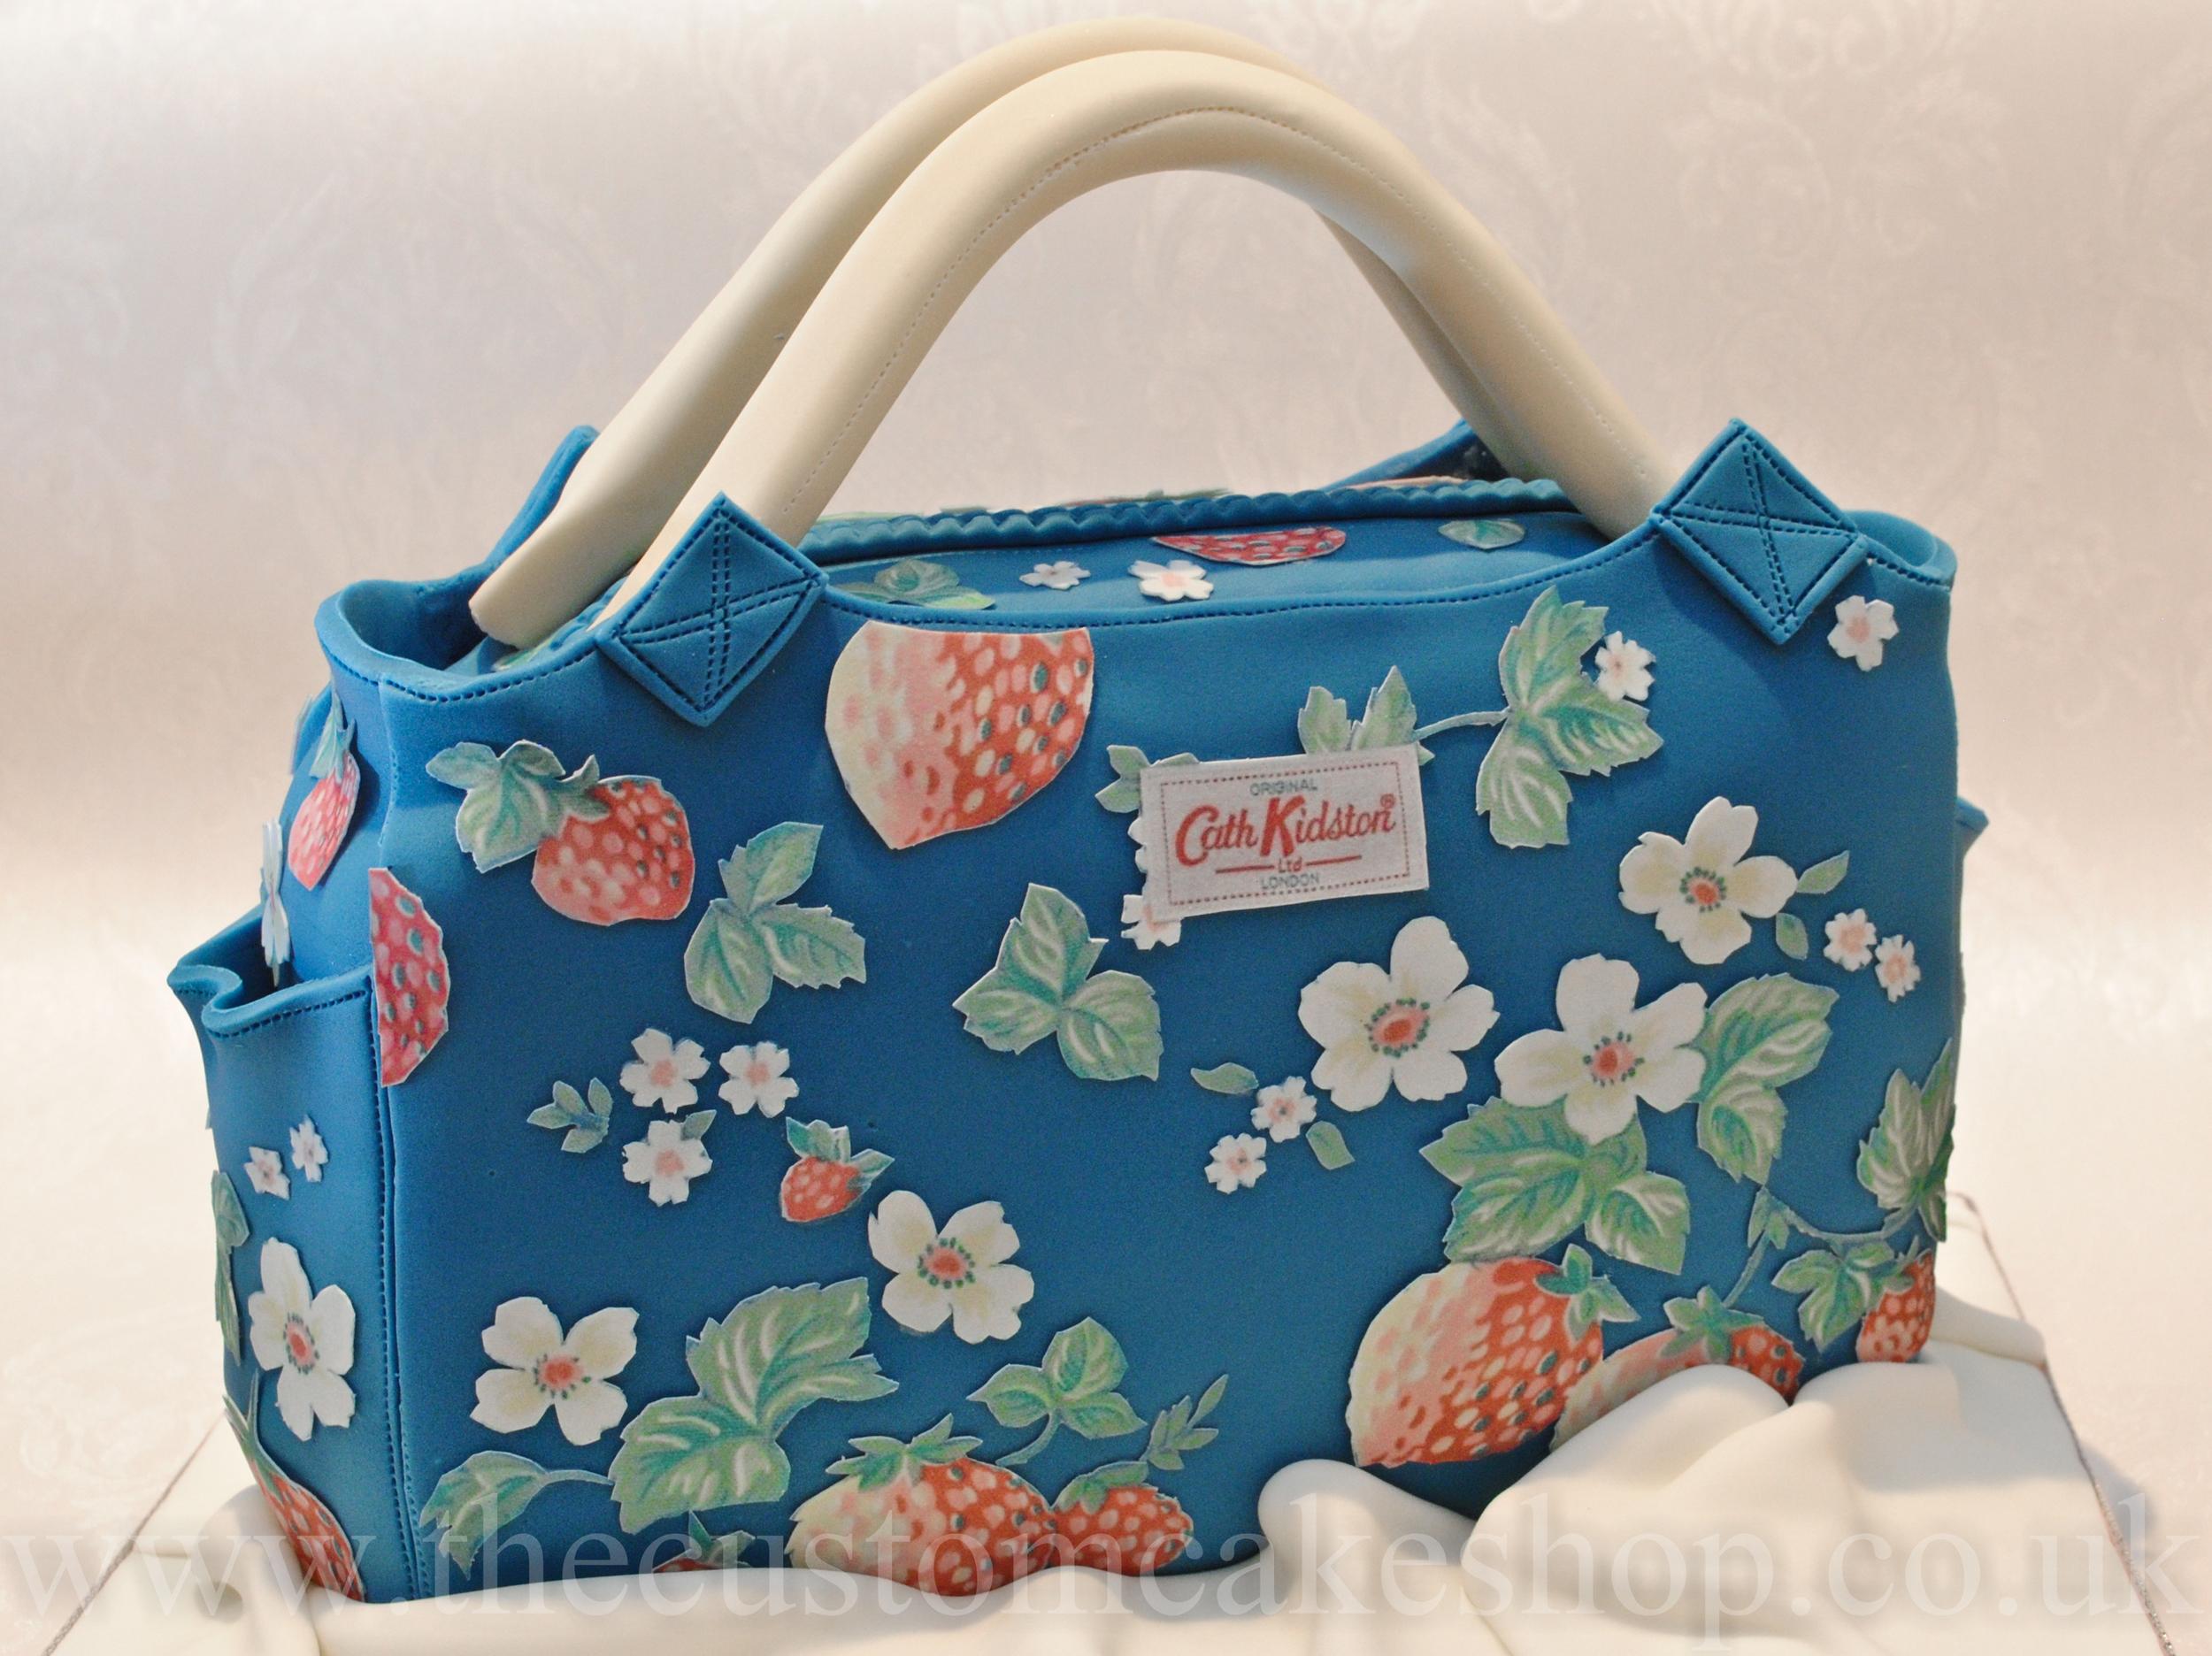 Cath Kidston Handbag Cake